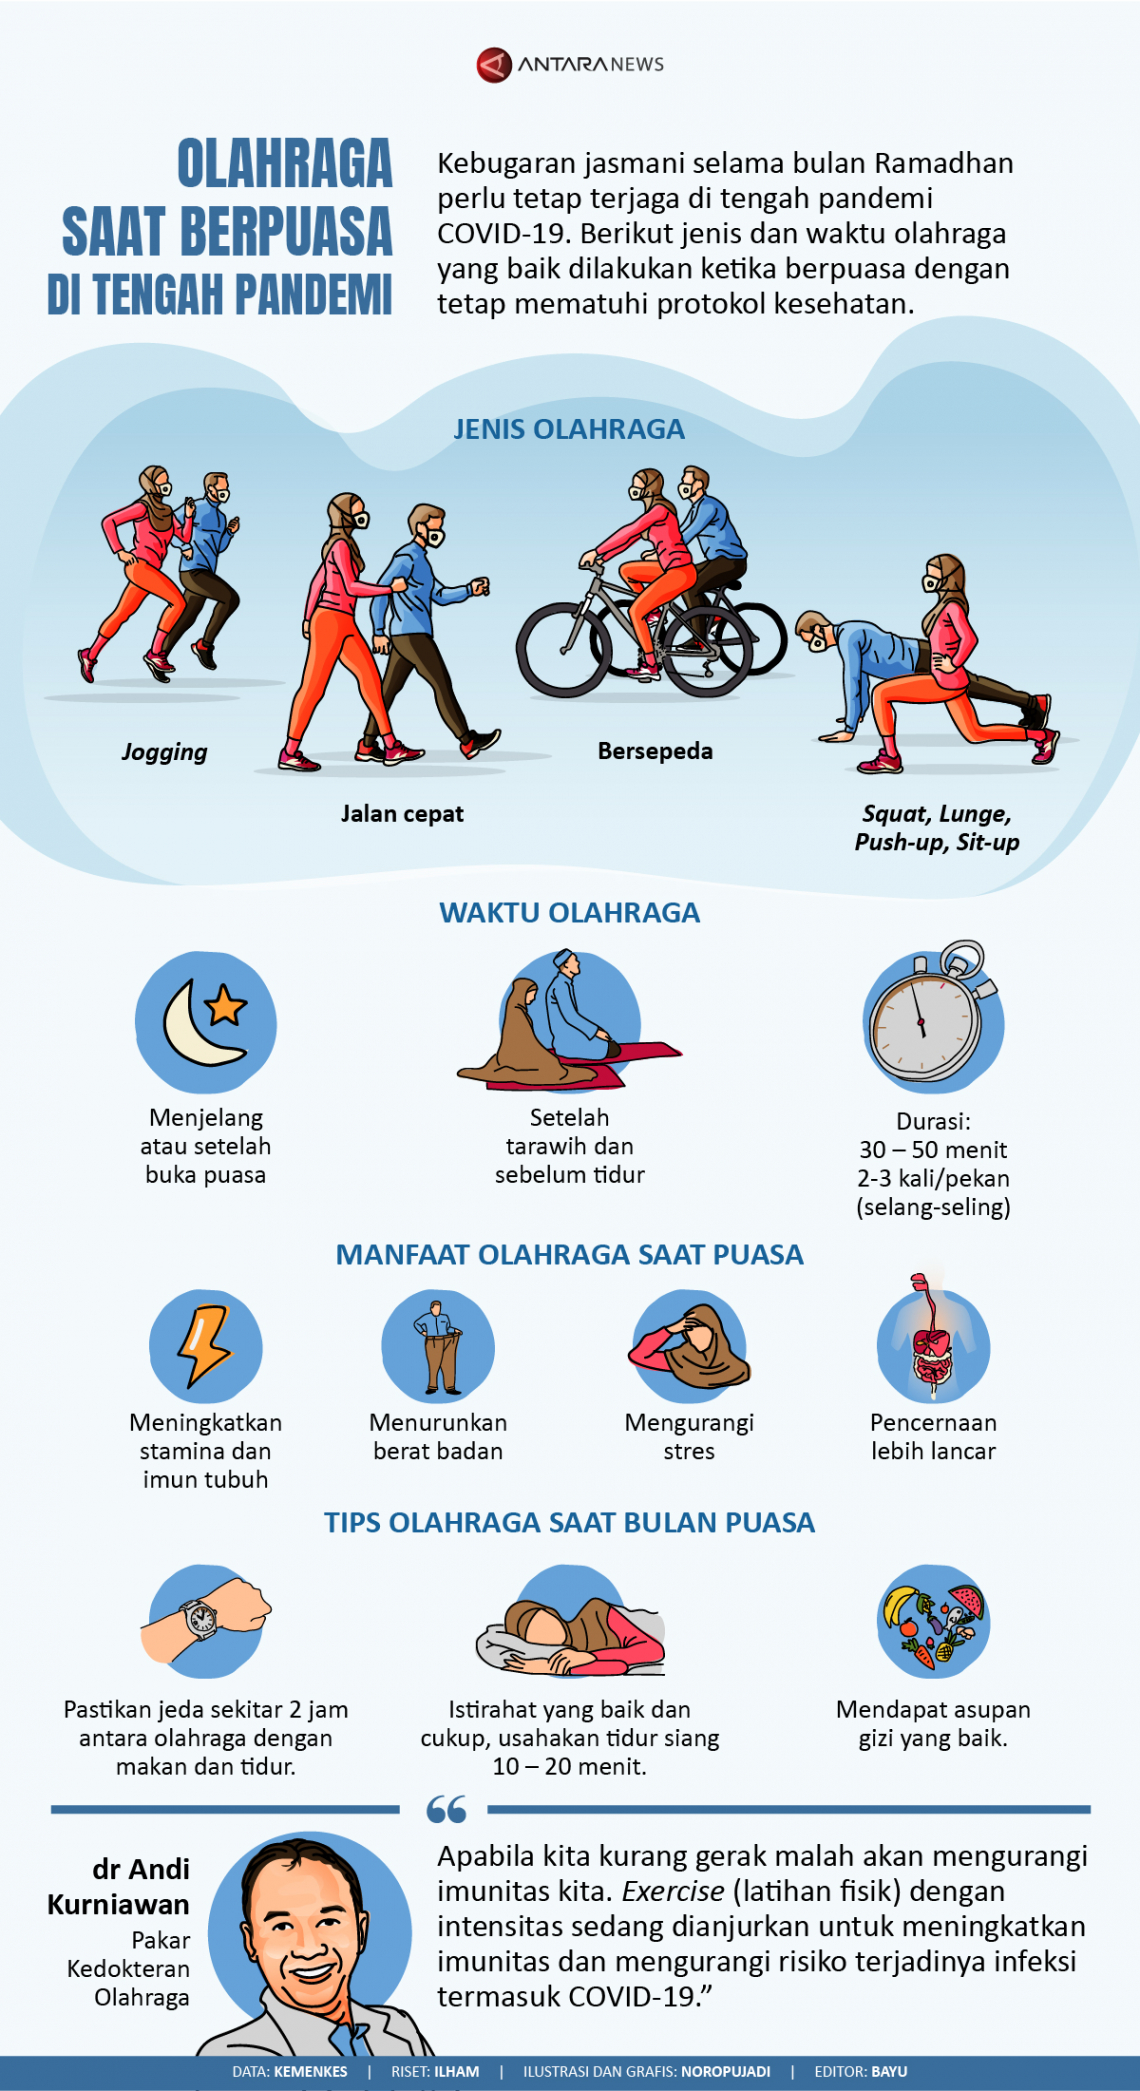 Olahraga saat berpuasa di tengah pandemi